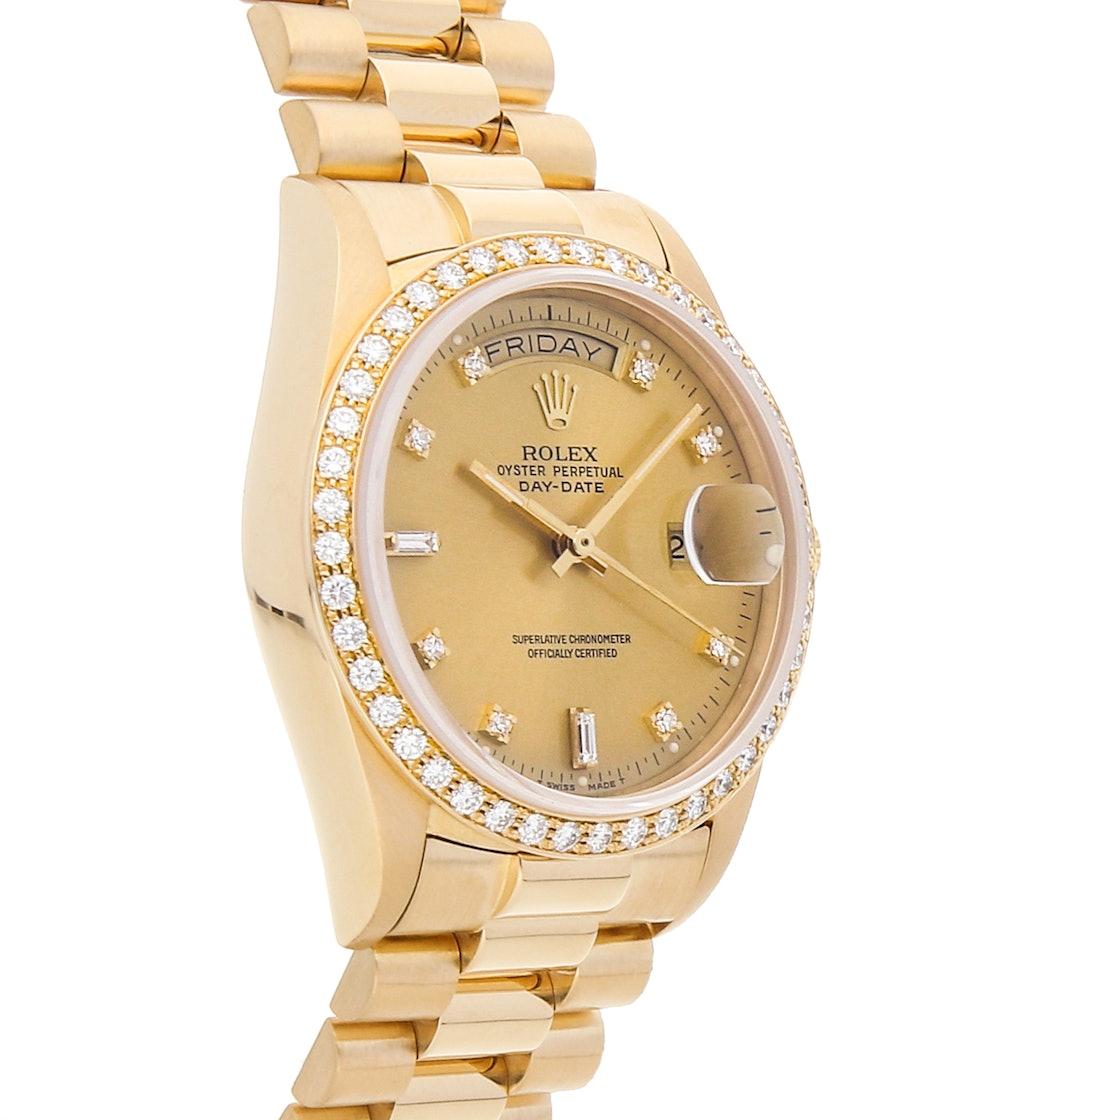 Rolex Day-Date 18048